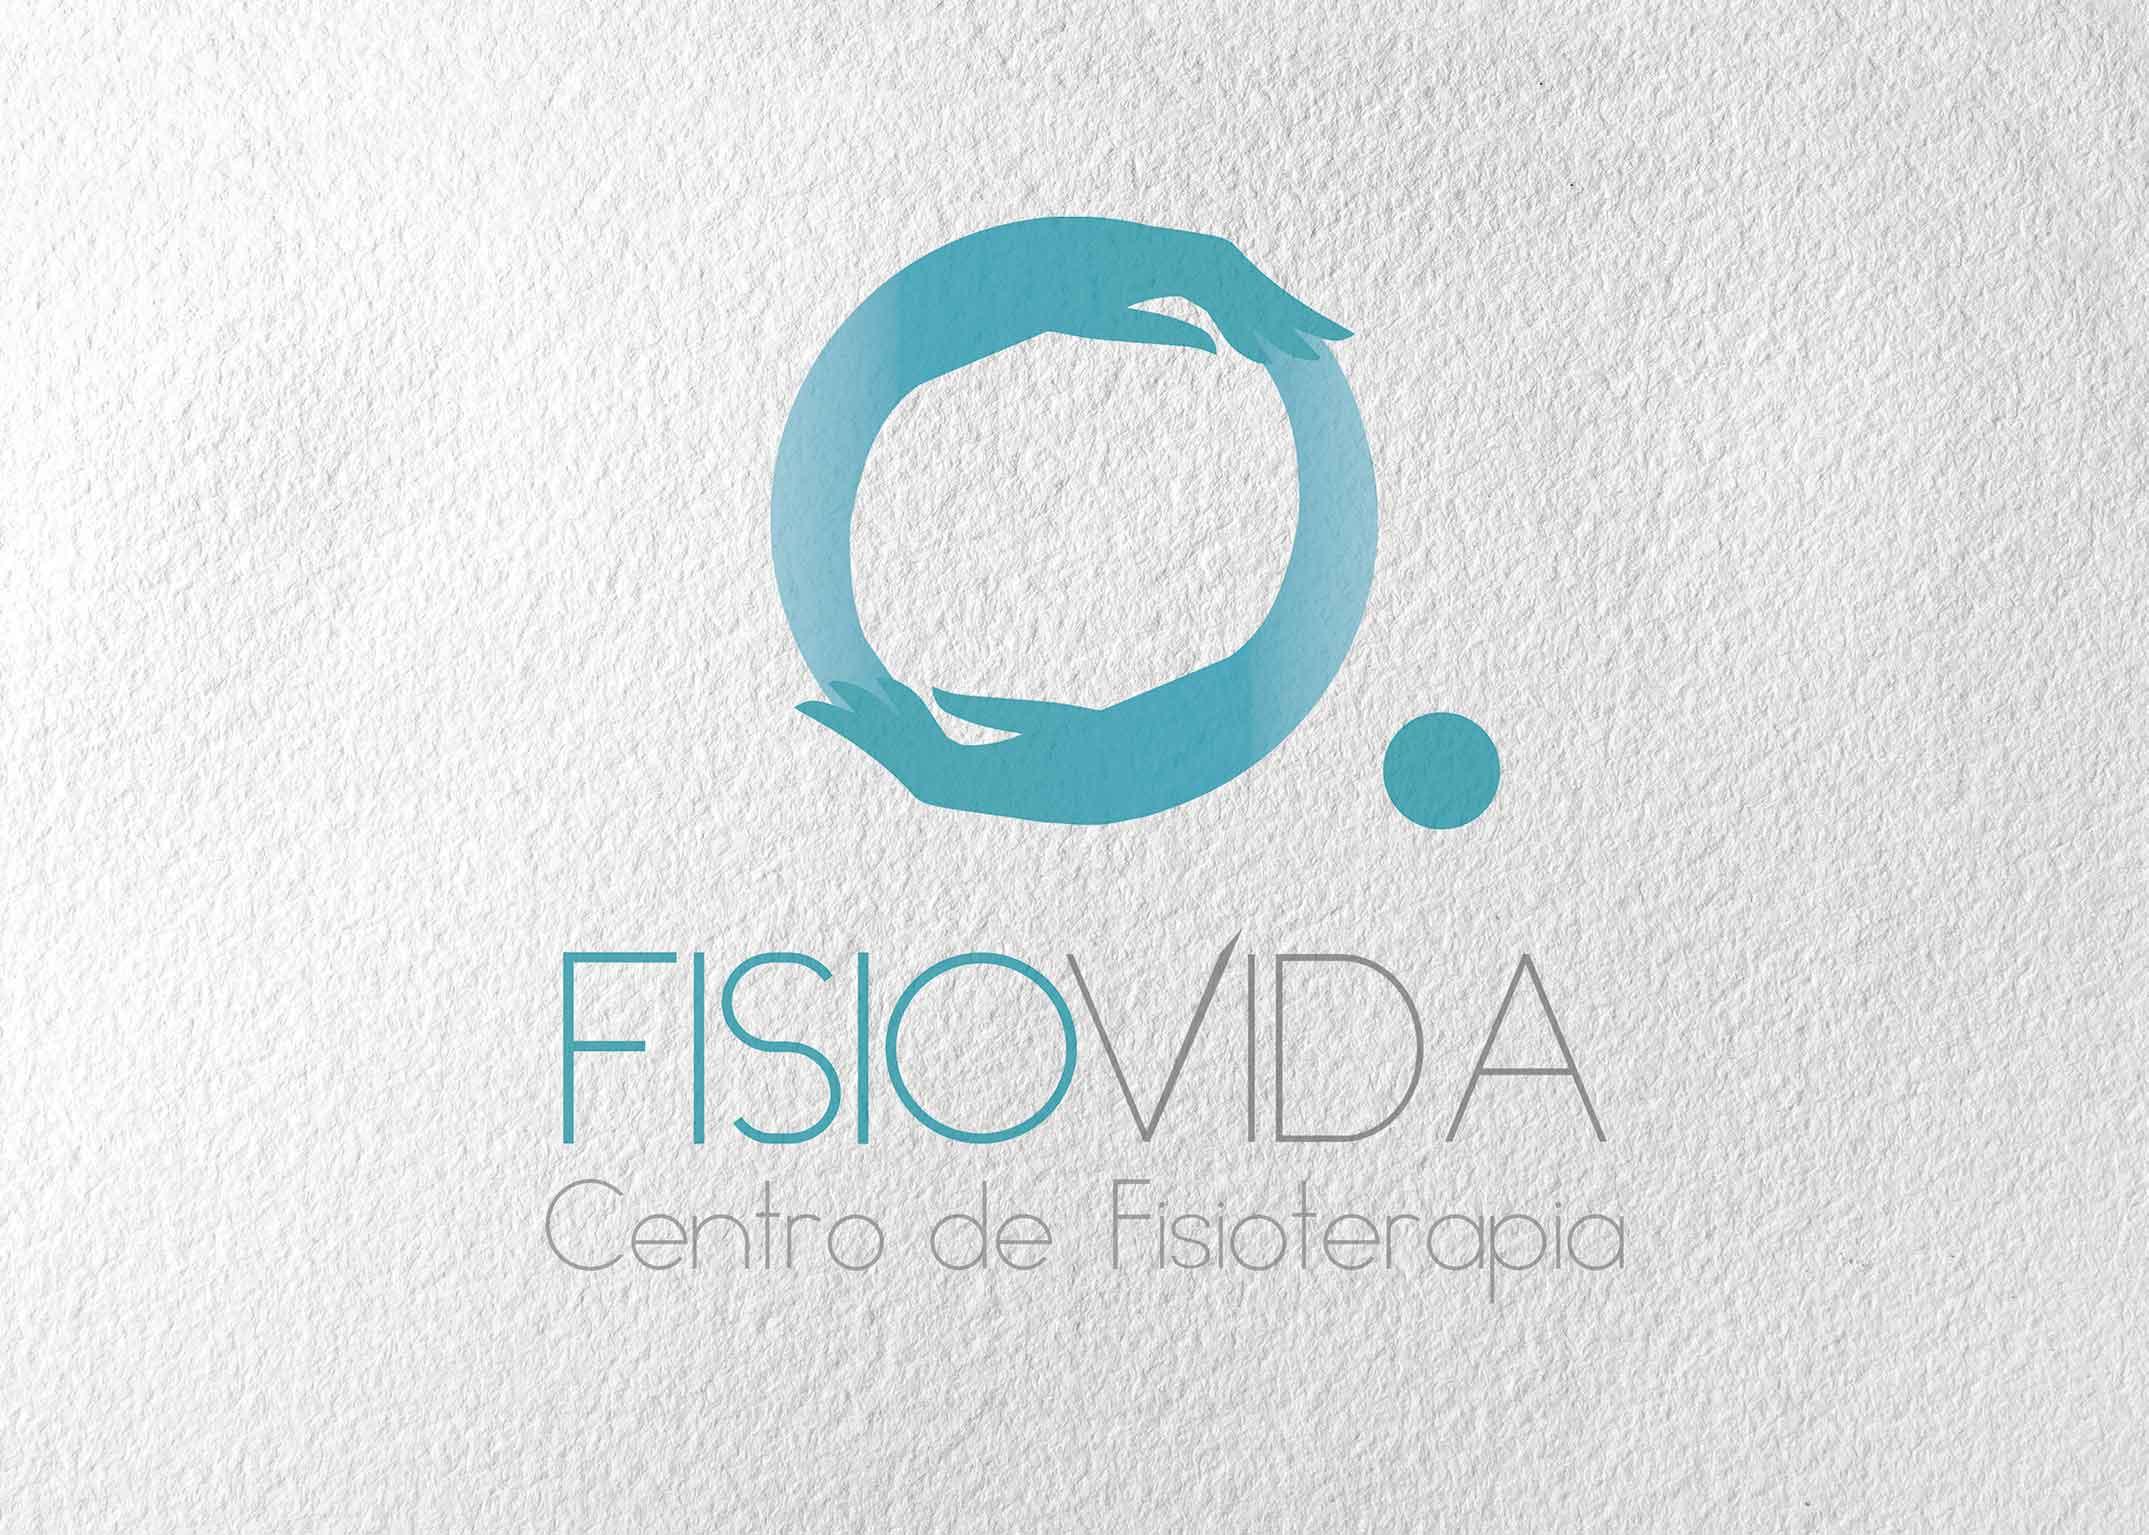 Fisiovida Doña Mencía